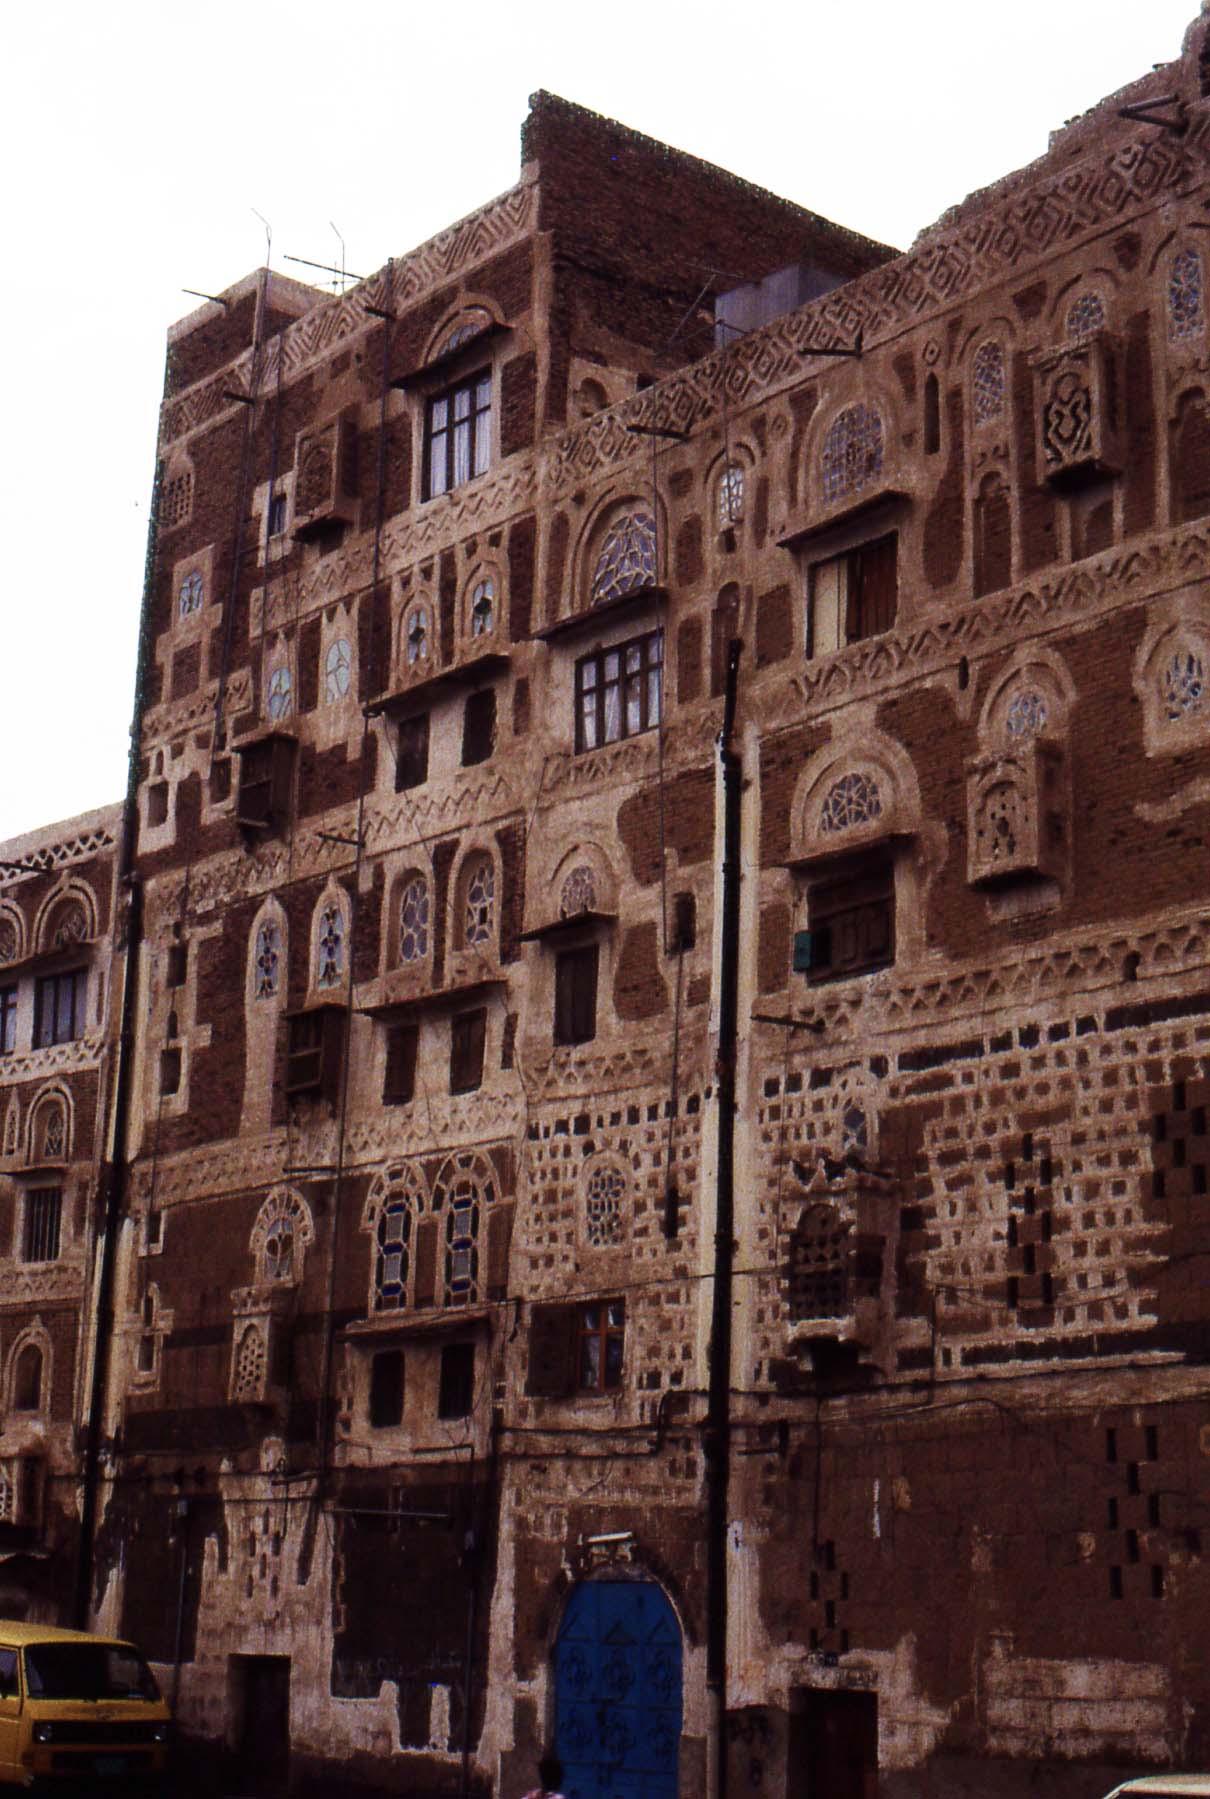 Sana'a - Abitazione tradizionale a torre